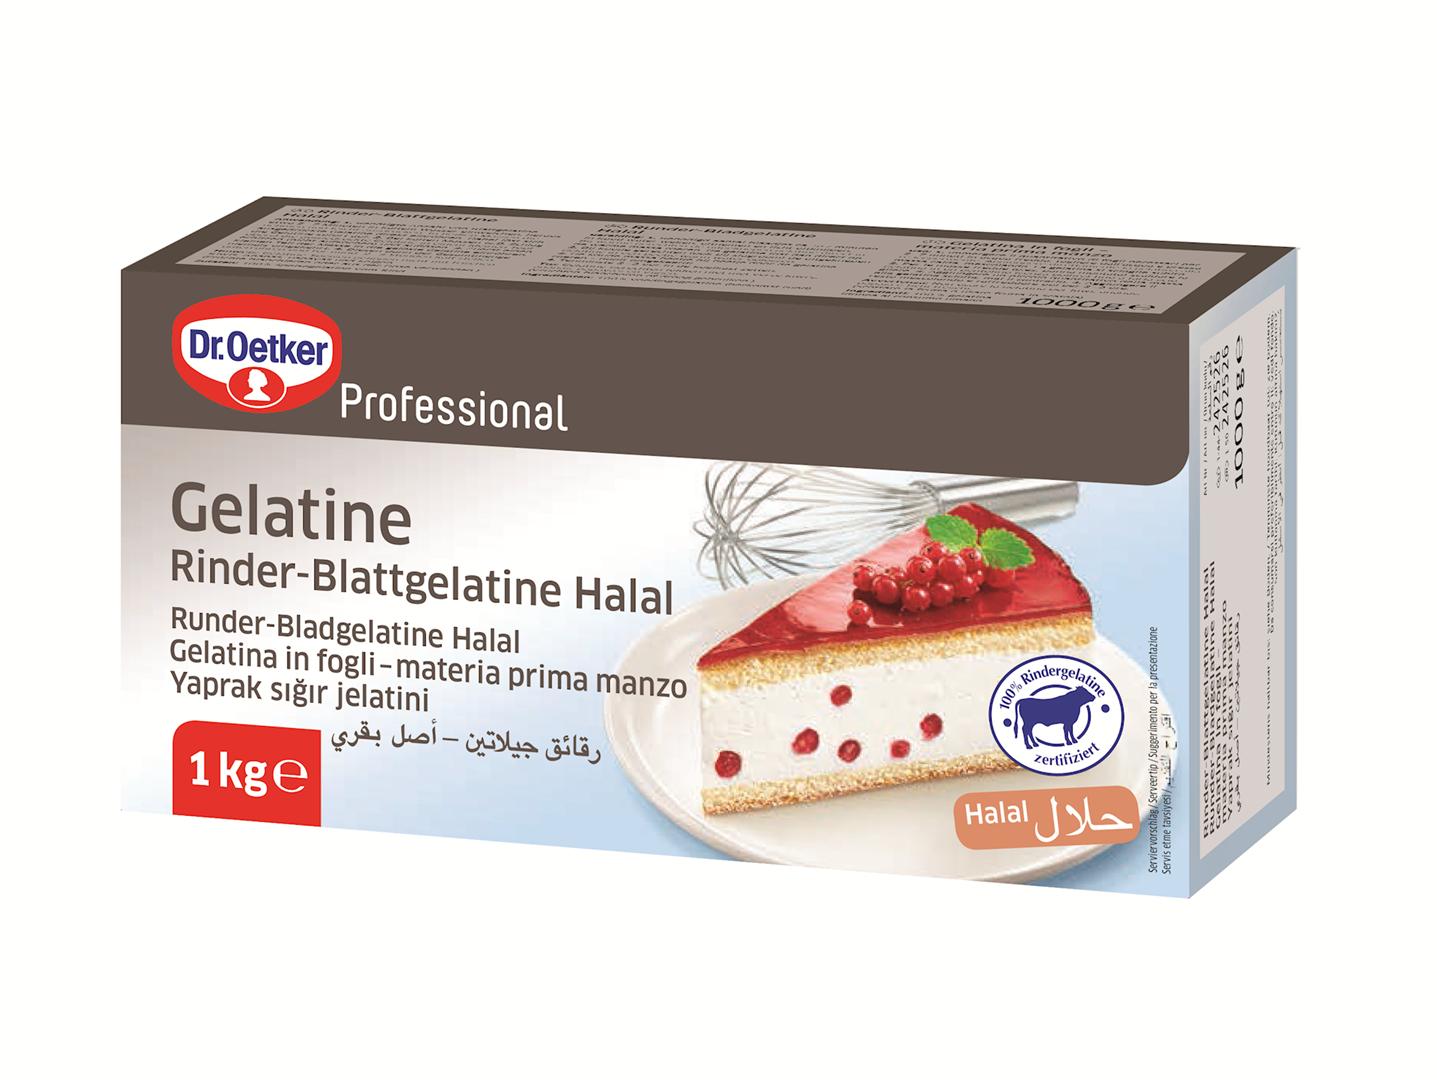 Productafbeelding Dr. Oetker Professional Runder-Bladgelatine Halal 10x1kg